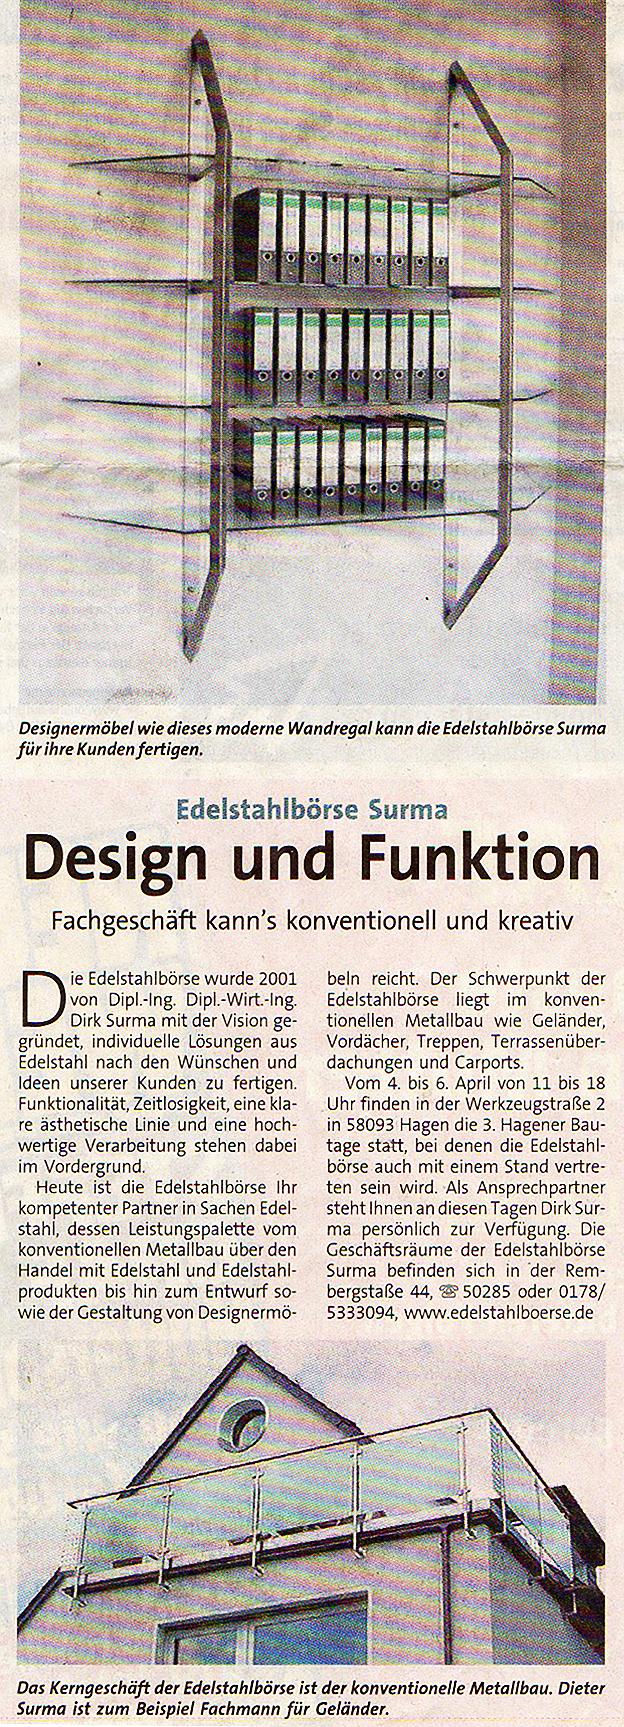 Edelstahlb rse schlosserei und metallbau in hagen nrw for Design und funktion